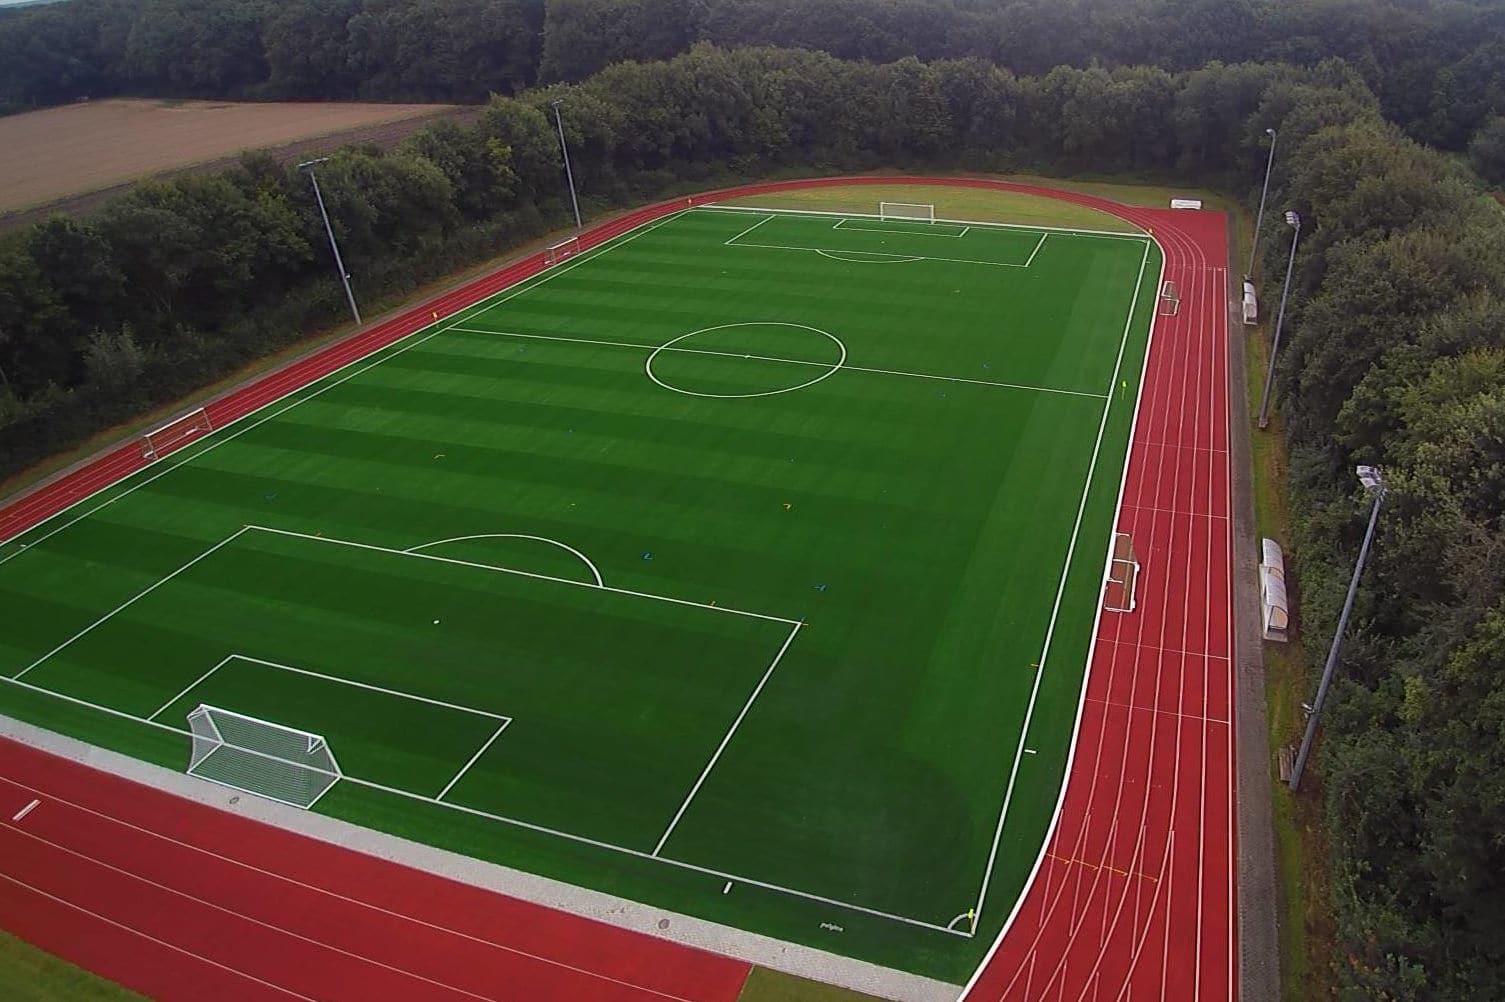 Schöner Kunstrasenplatz der Sportschule Emsland für Fussball Trainingslager